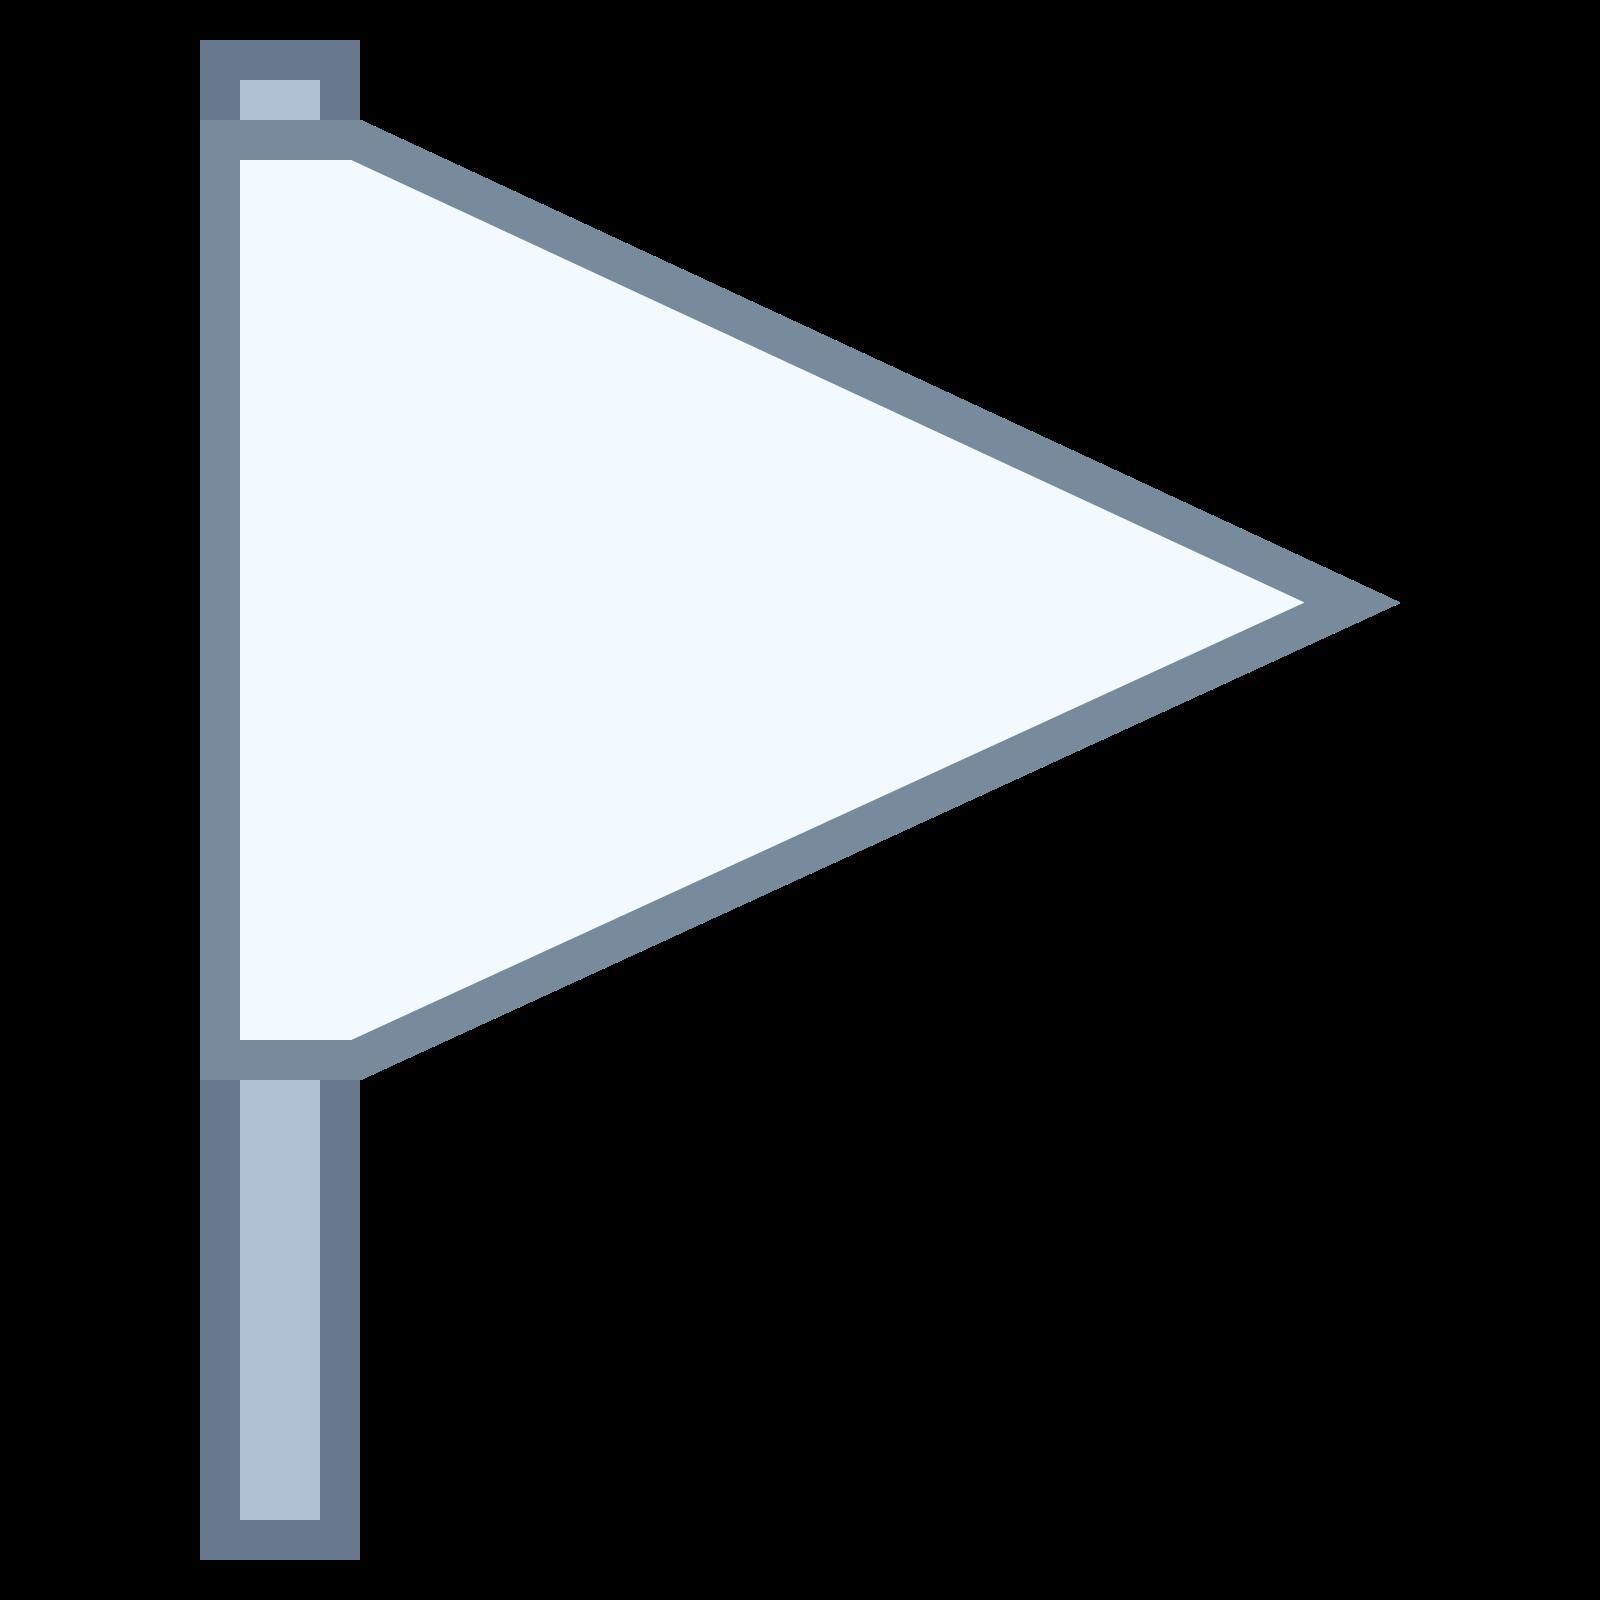 空标志 icon. The symbol is an empty flag, comprised of an empty isosceles triangle with a line extending down from its base. This symbolizes a golf course flag, or an item chosen prior to be emphasized.